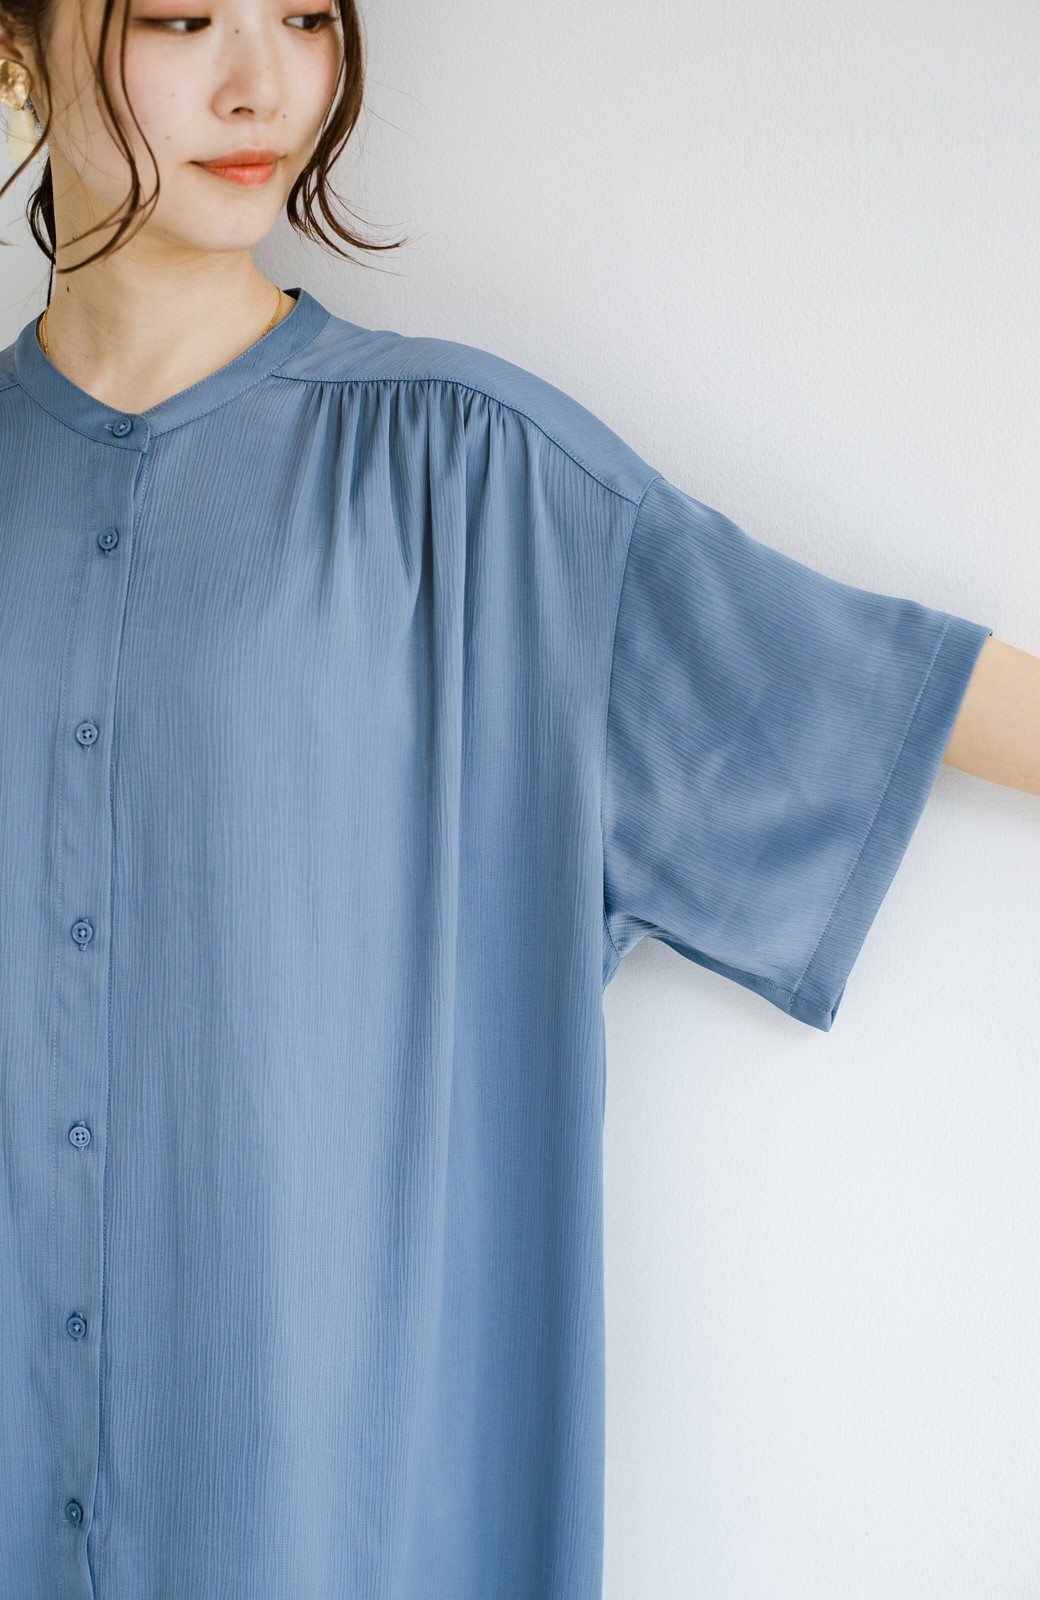 haco! 羽織としてもワンピースとしても着られちゃう 後ろ姿まで抜かりなくかわいいプリーツワンピース <ブルー>の商品写真6